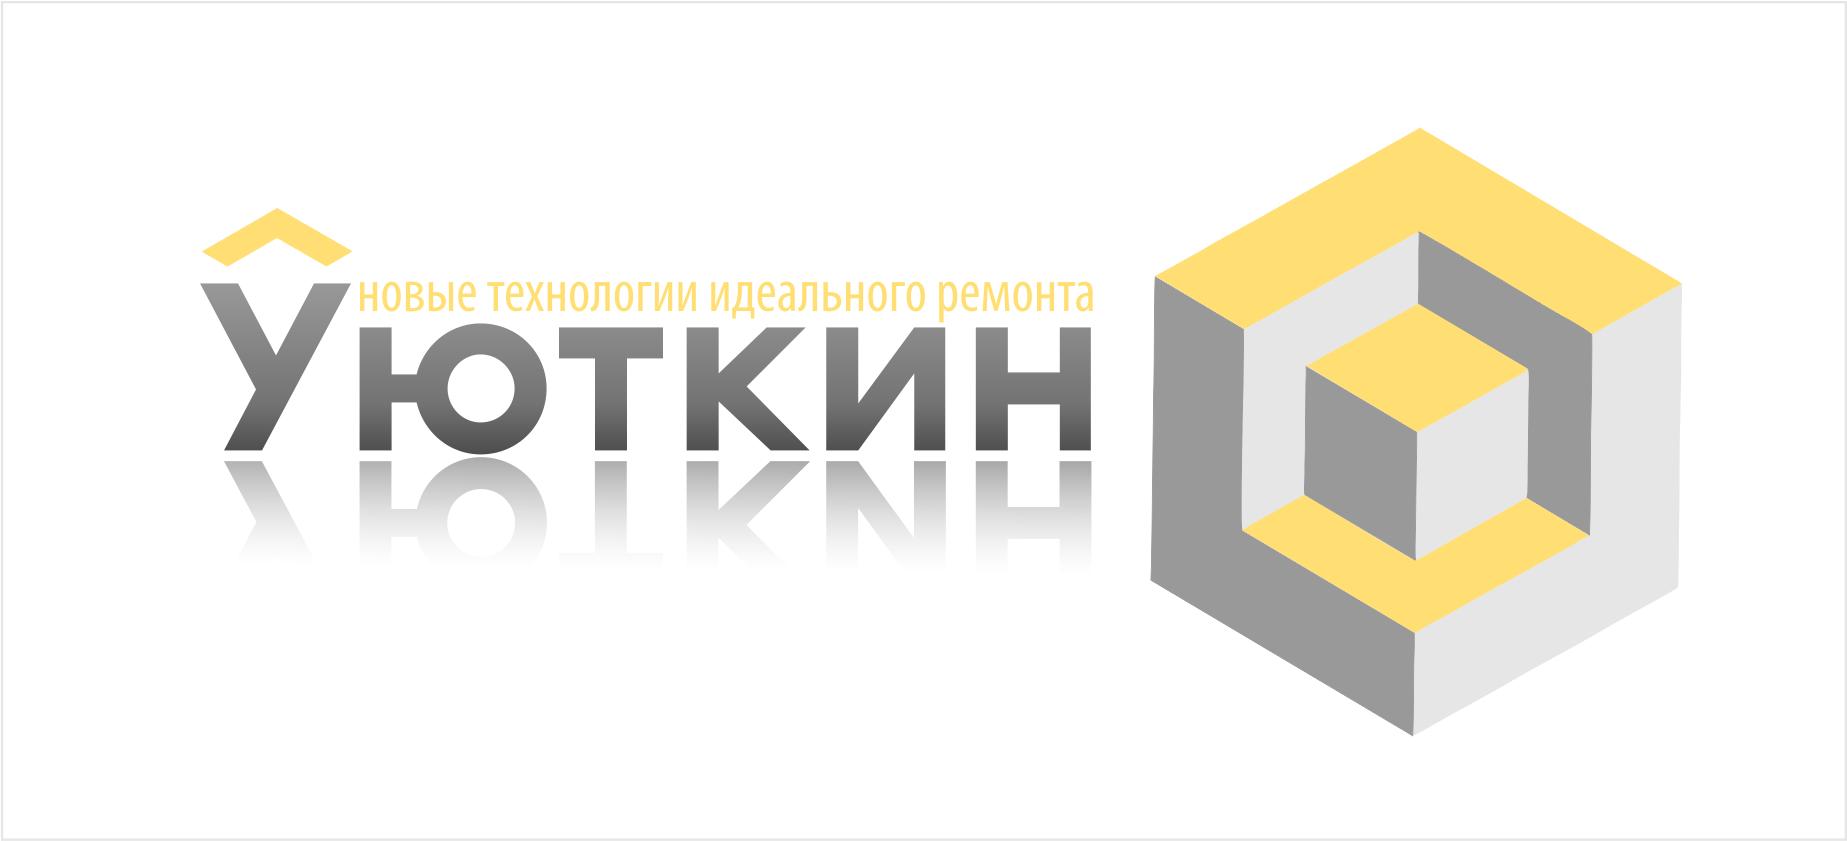 Создание логотипа и стиля сайта фото f_2875c61c37dd72ab.png